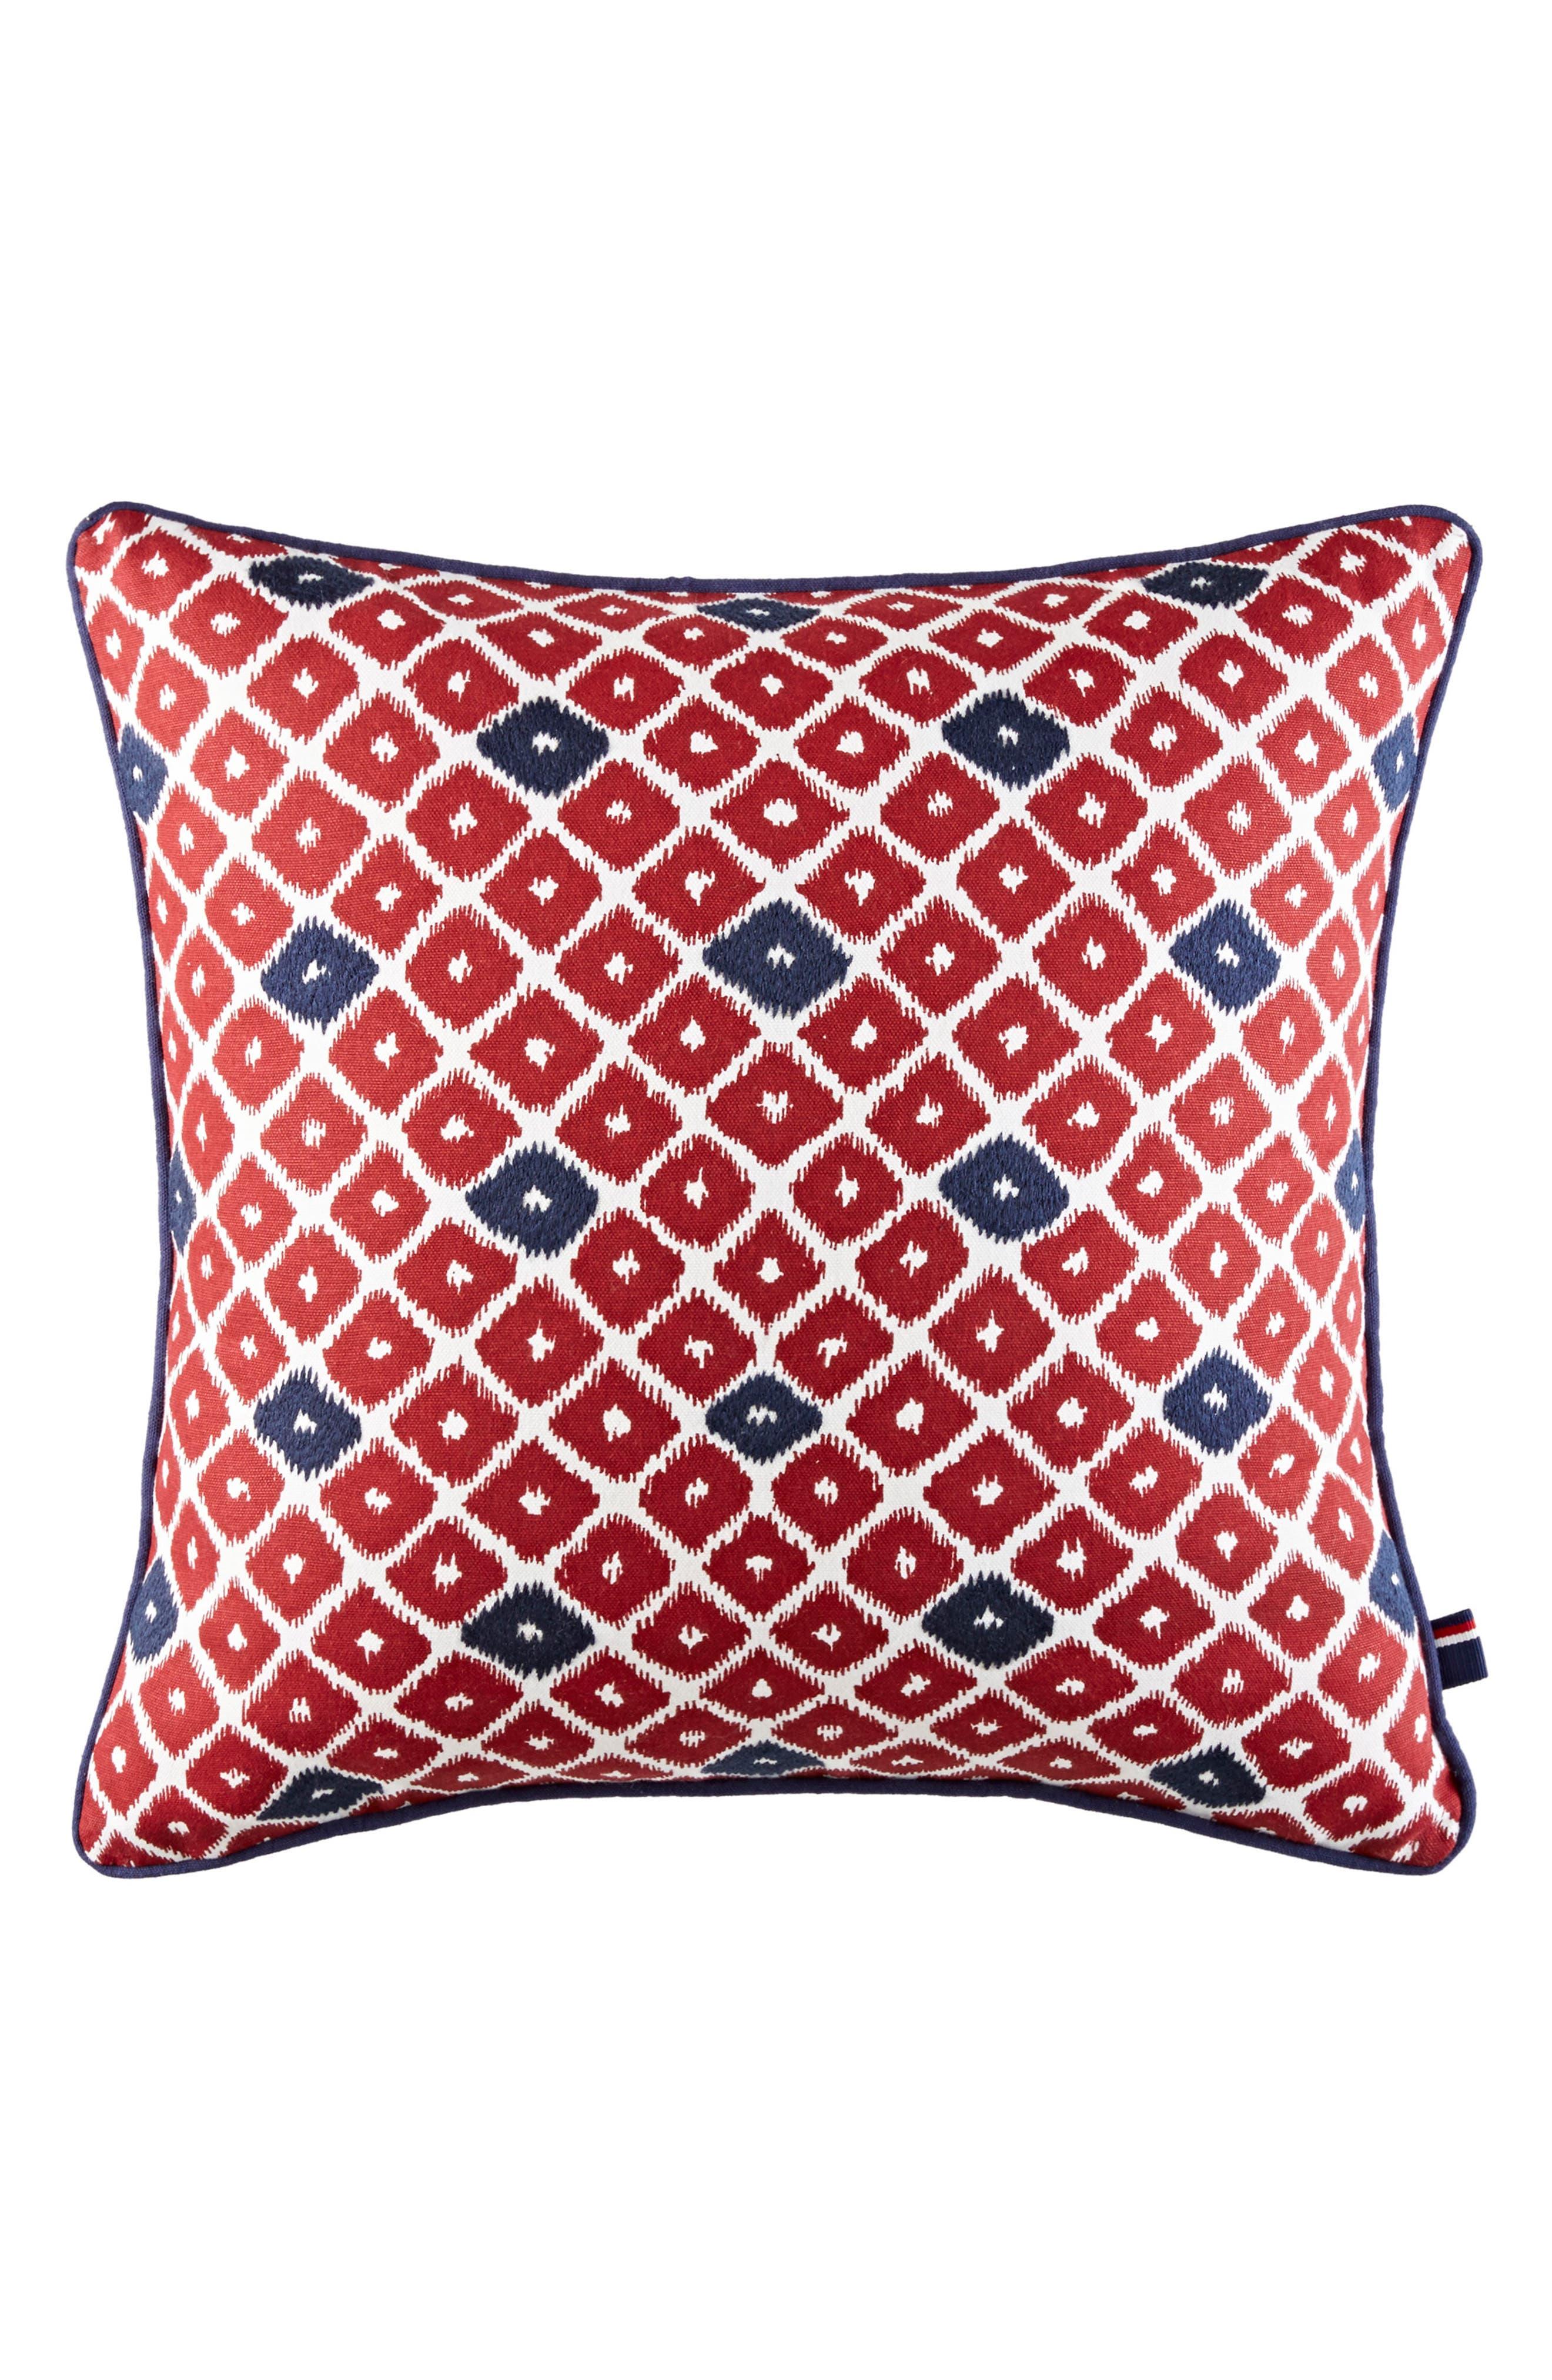 Ellis Diamond Accent Pillow,                             Main thumbnail 1, color,                             600